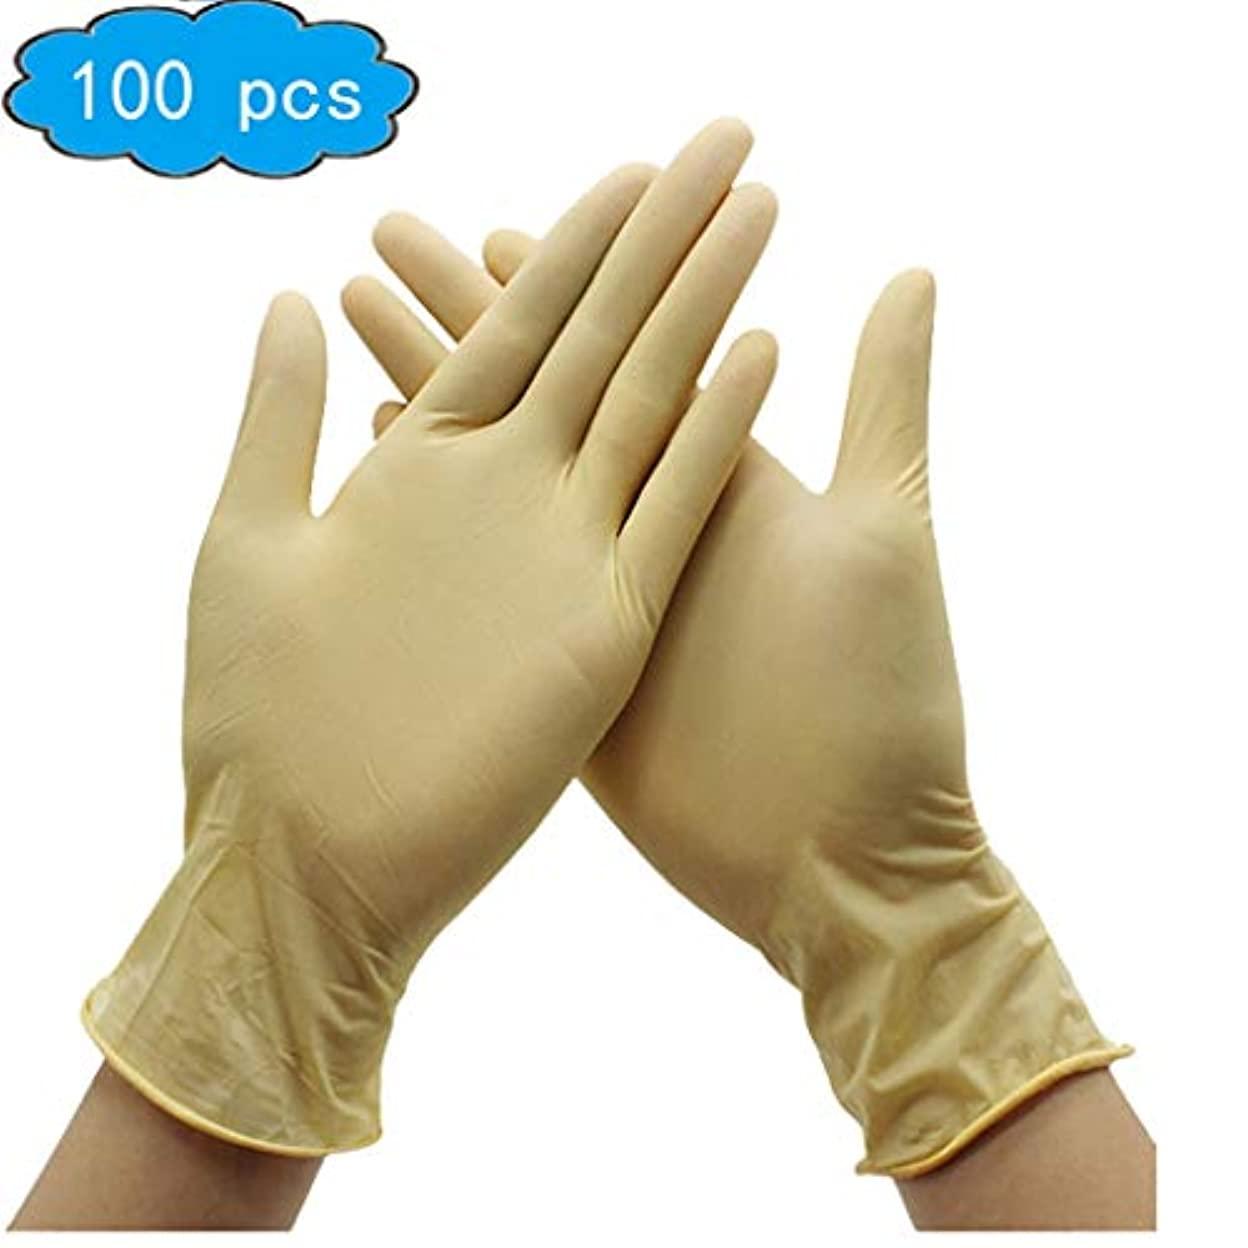 動揺させる左車ラテックス手袋、試験/食品グレードの安全製品、使い捨て手袋および手袋Dispensers 100psc、衛生手袋、健康、家庭用ベビーケア (Color : Beige, Size : L)